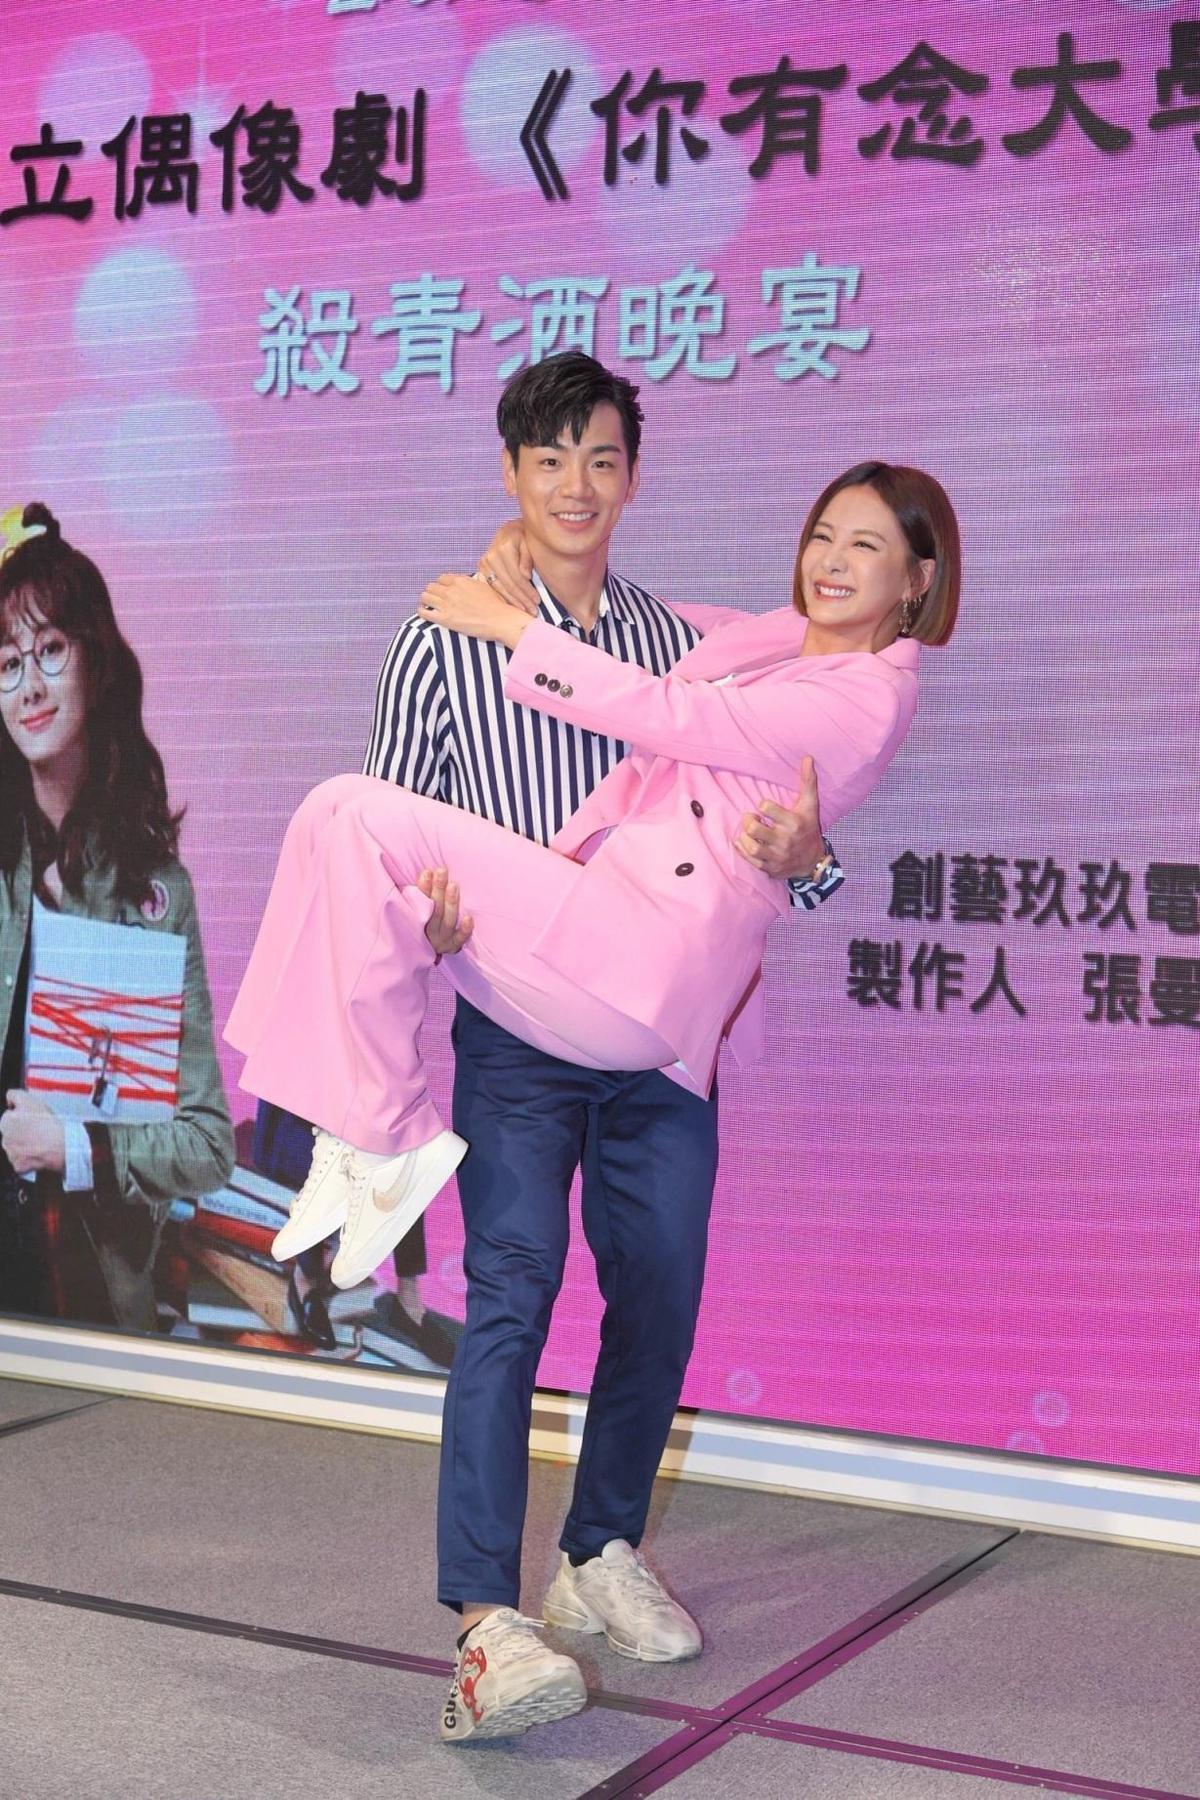 安心亞與禾浩辰因拍戲培養出很不錯的交情。(三立提供)